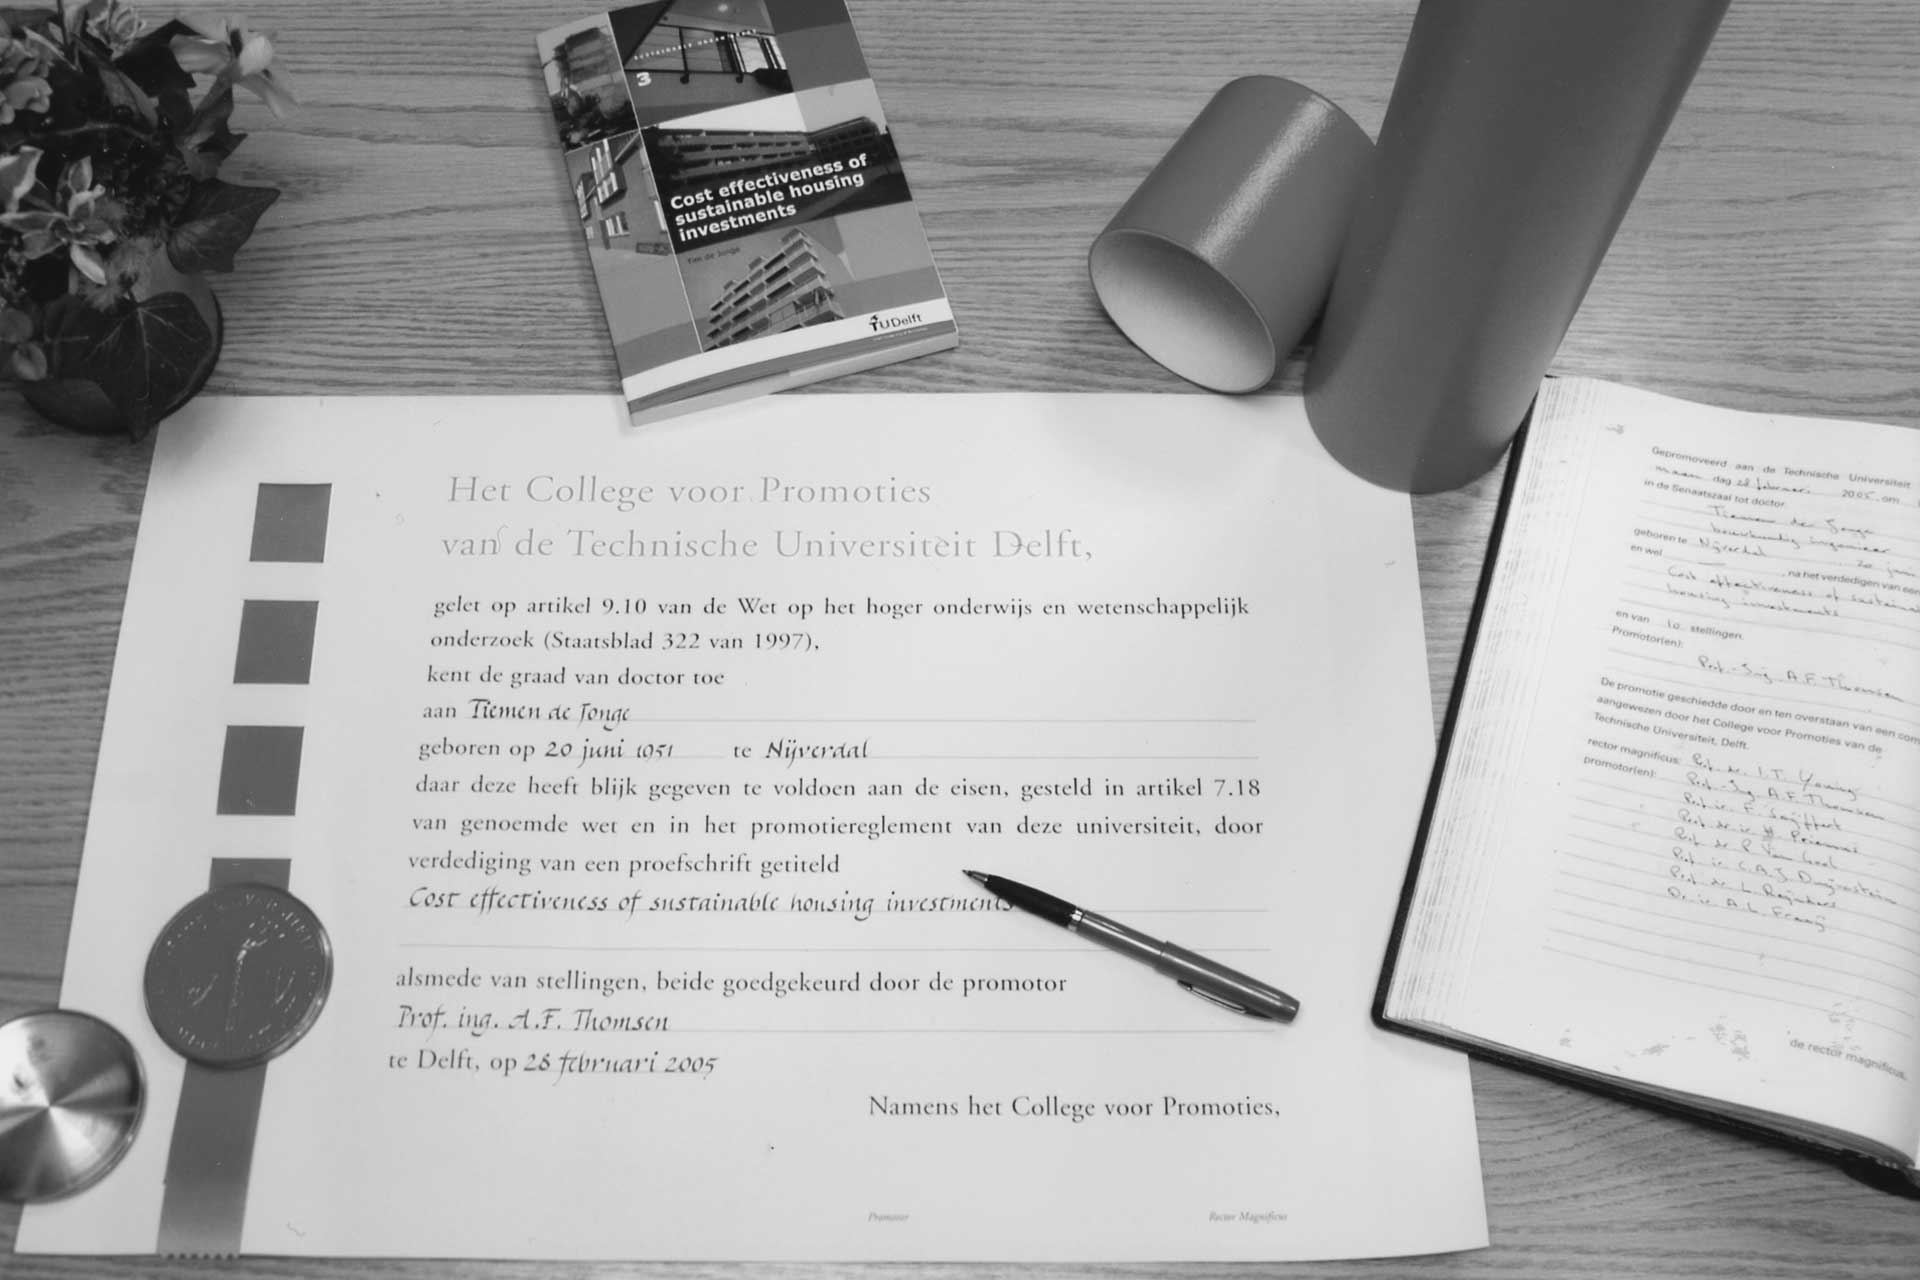 De doctoraatsbul van Tim de Jonge ligt klaar voor ondertekening.